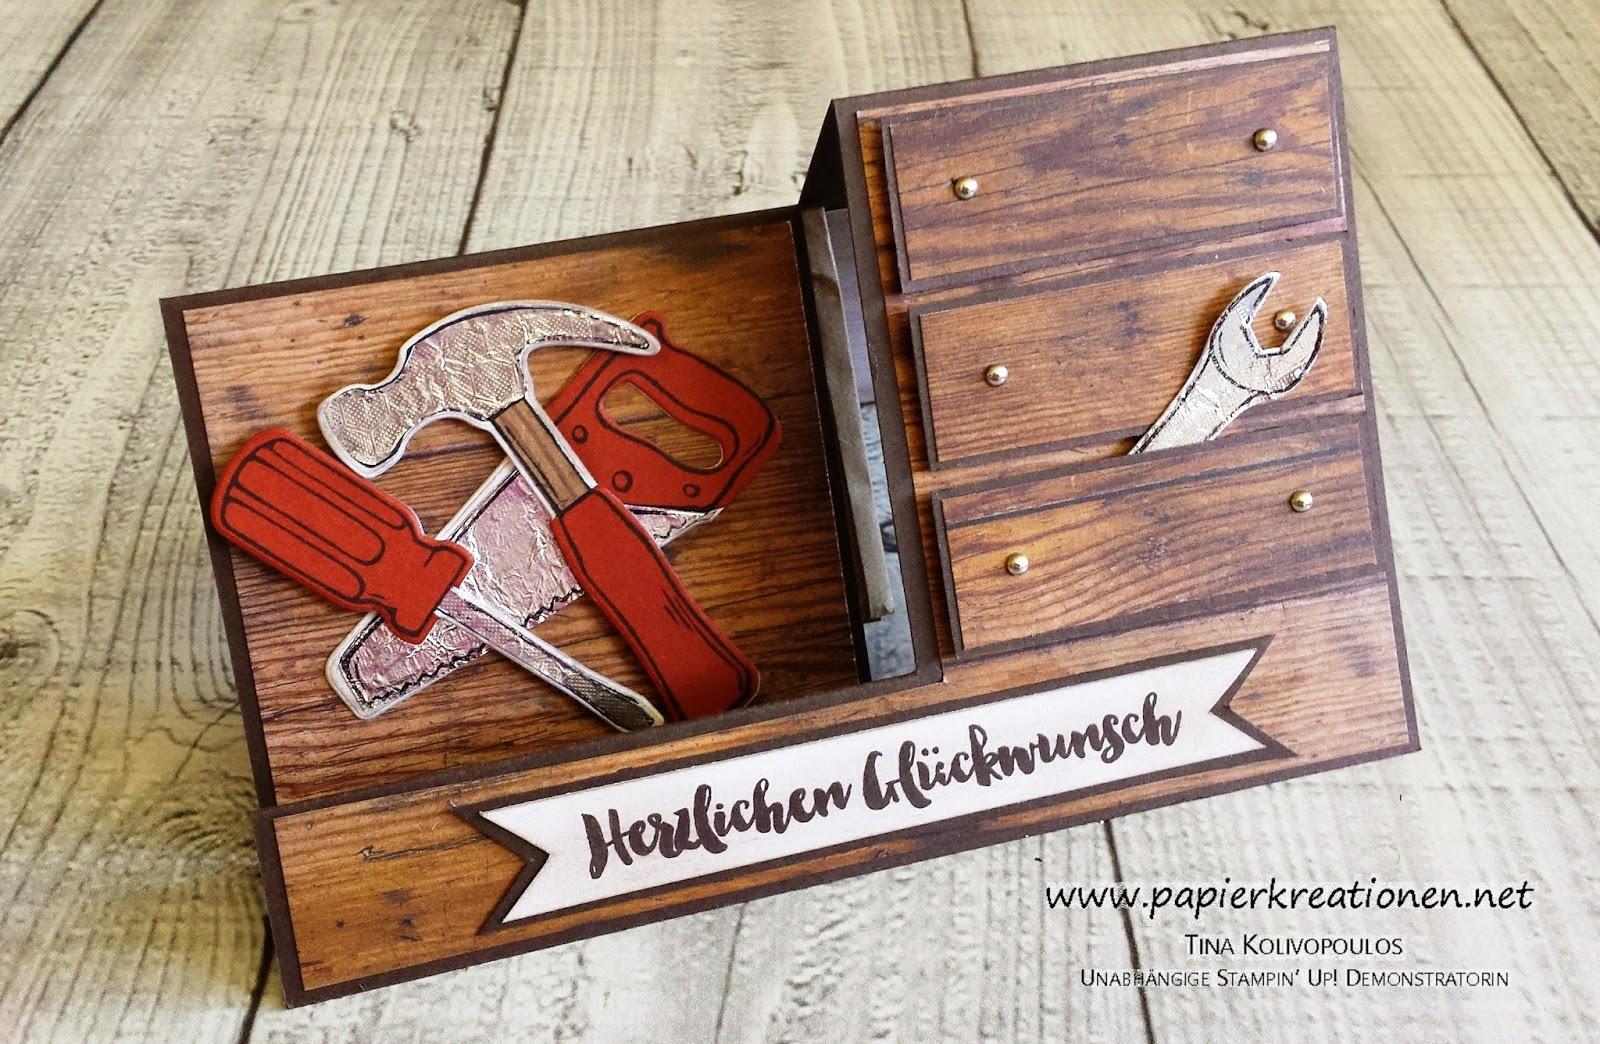 baumarkt gutschein zum geburtstag von einem heimwerker. Black Bedroom Furniture Sets. Home Design Ideas